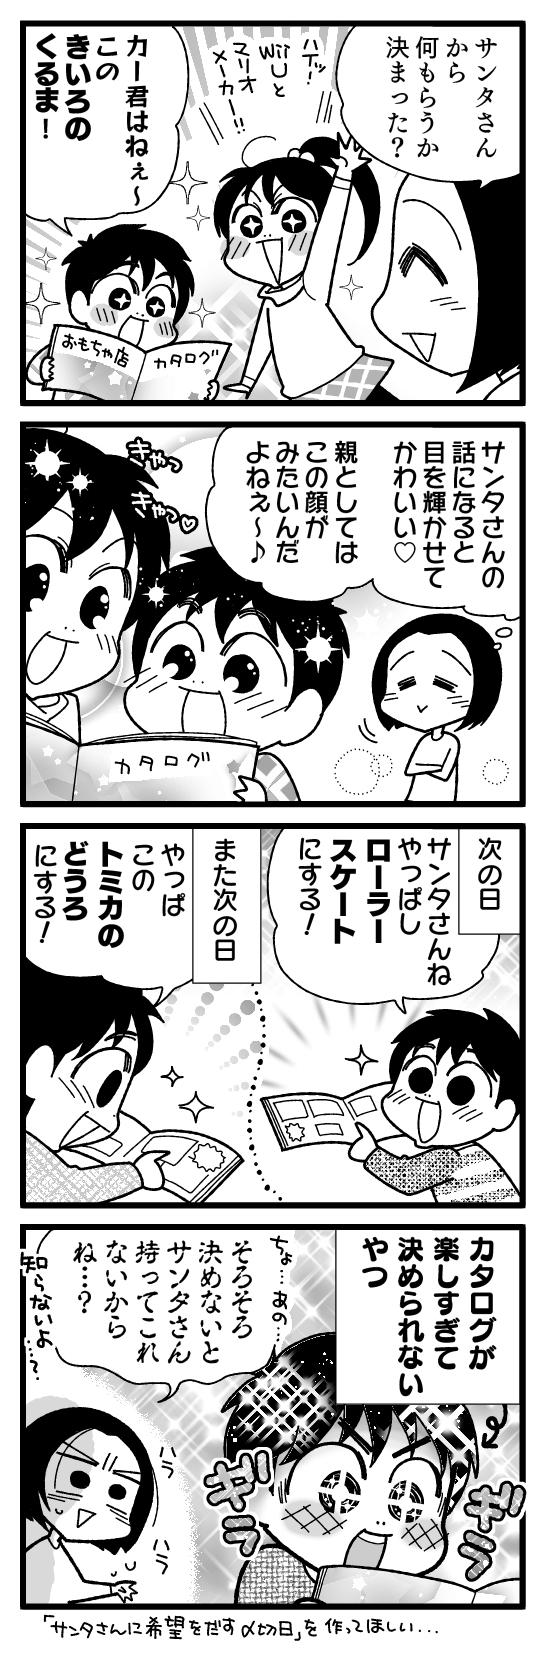 漫画『怒涛のにゅーじヨージ』Vol.184「サンタさんの醍醐味!」 1コマ目